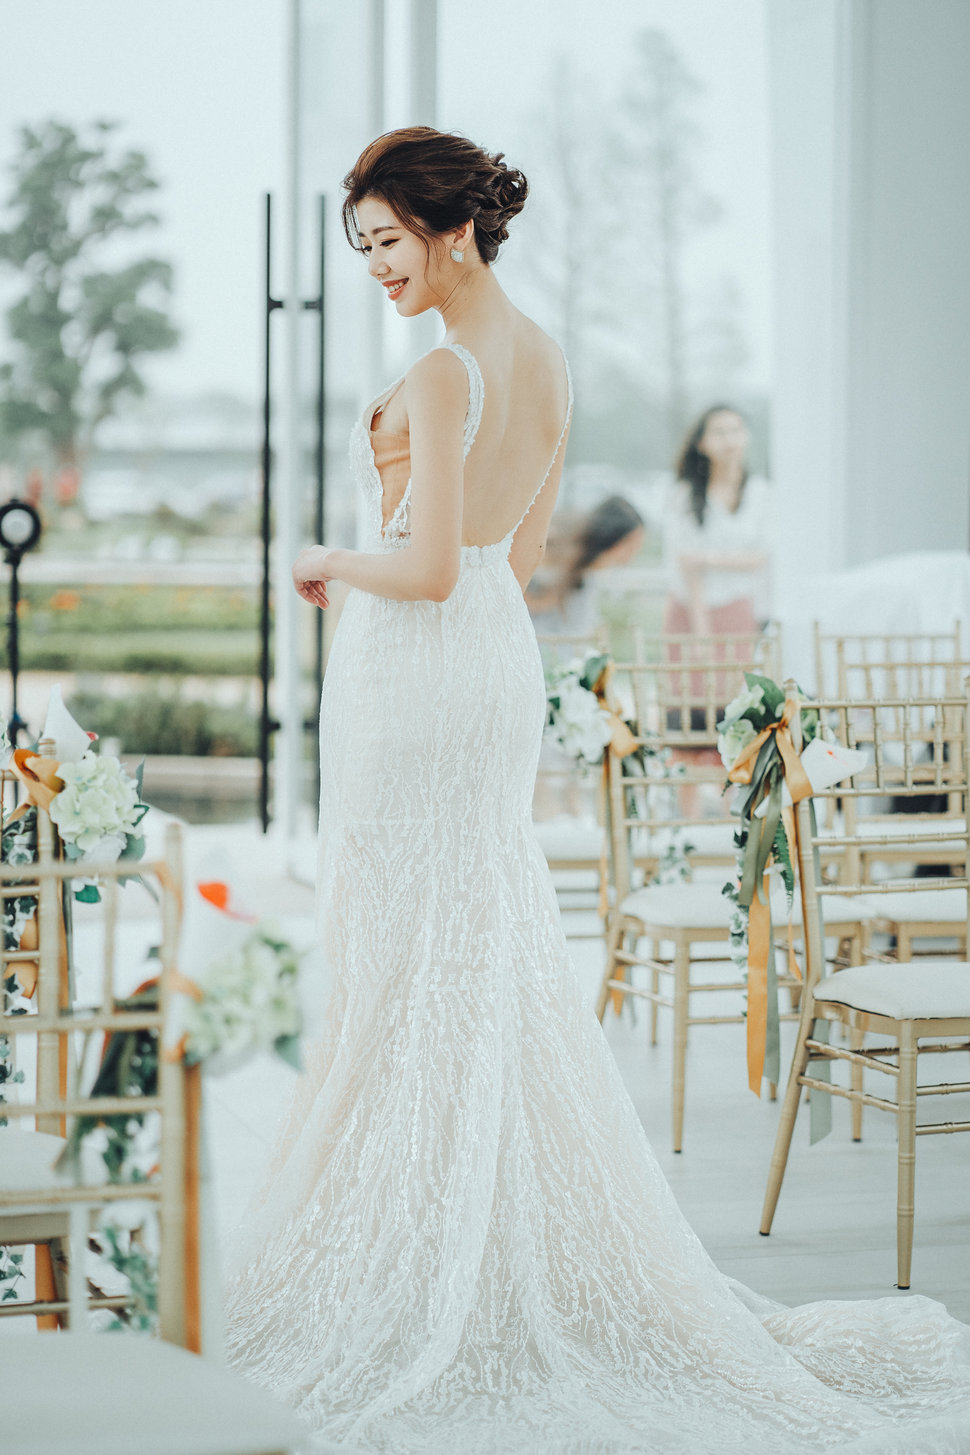 20200411-20200411-DSC00209-編輯 - QUAN  婚禮紀錄 / 影像工作室《結婚吧》